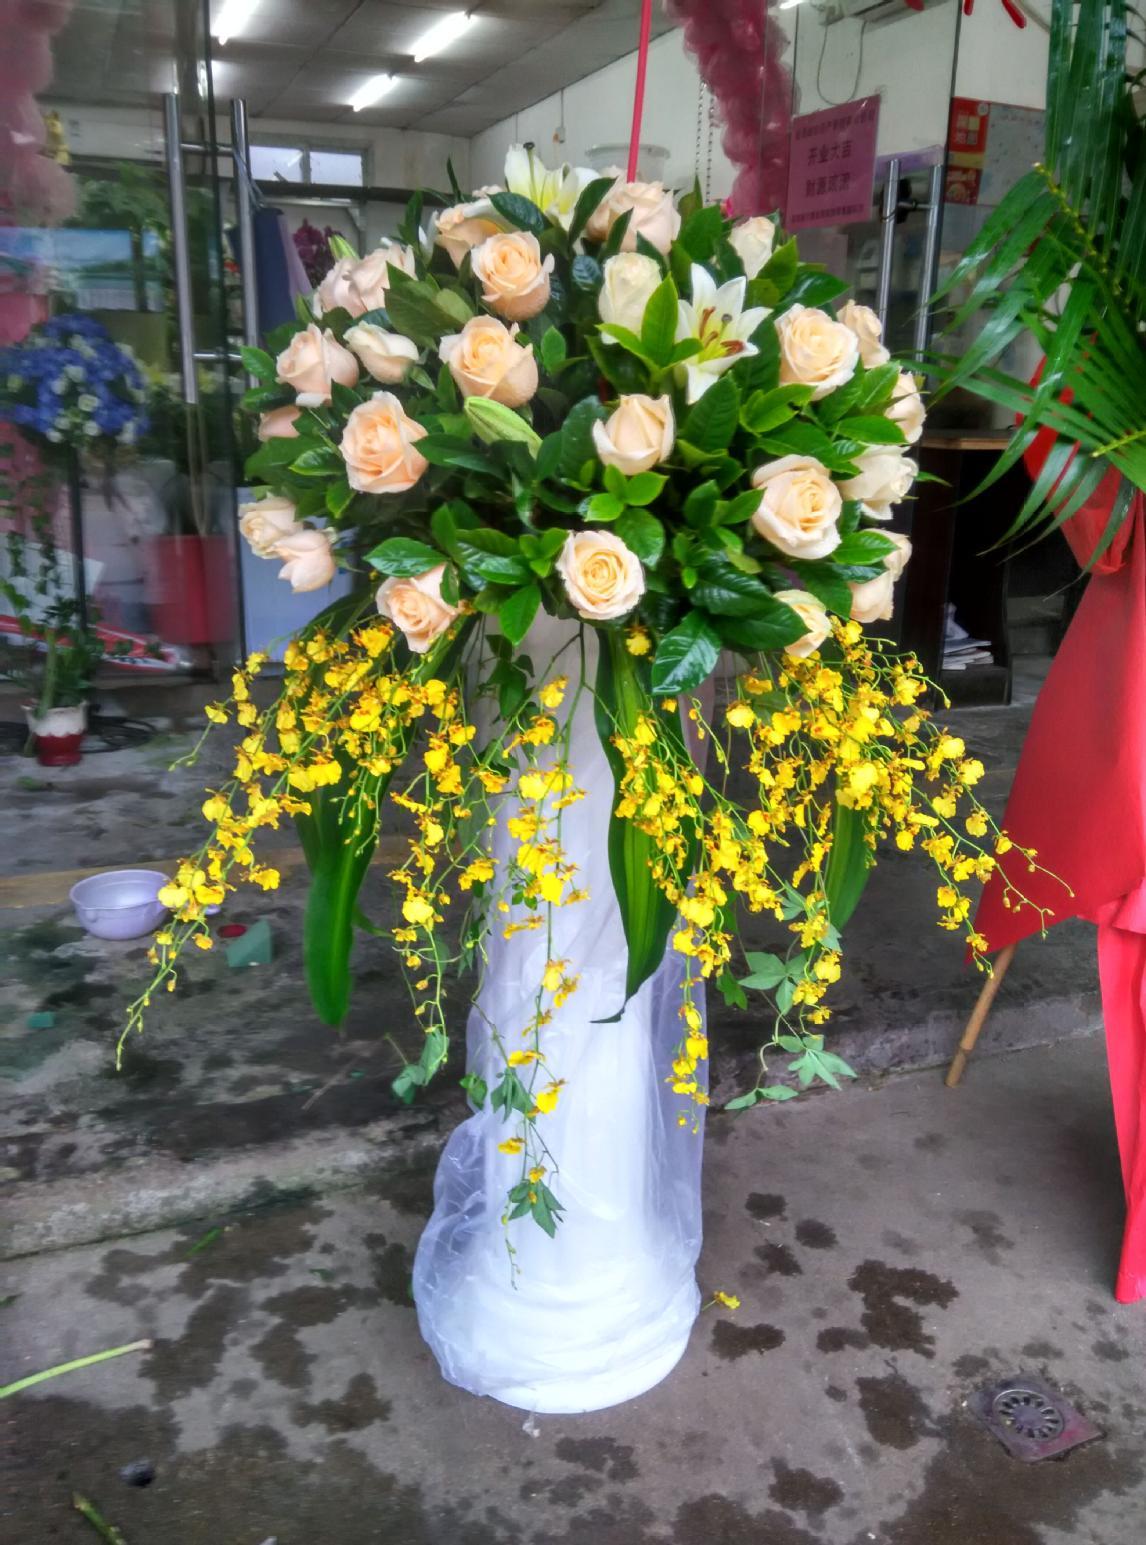 石夏兰节日,商务花篮,跳舞兰,迎宾,路引,589元,花材,香槟玫瑰,舞女兰,绿叶,包装,罗马柱花篮鲜花图片展示